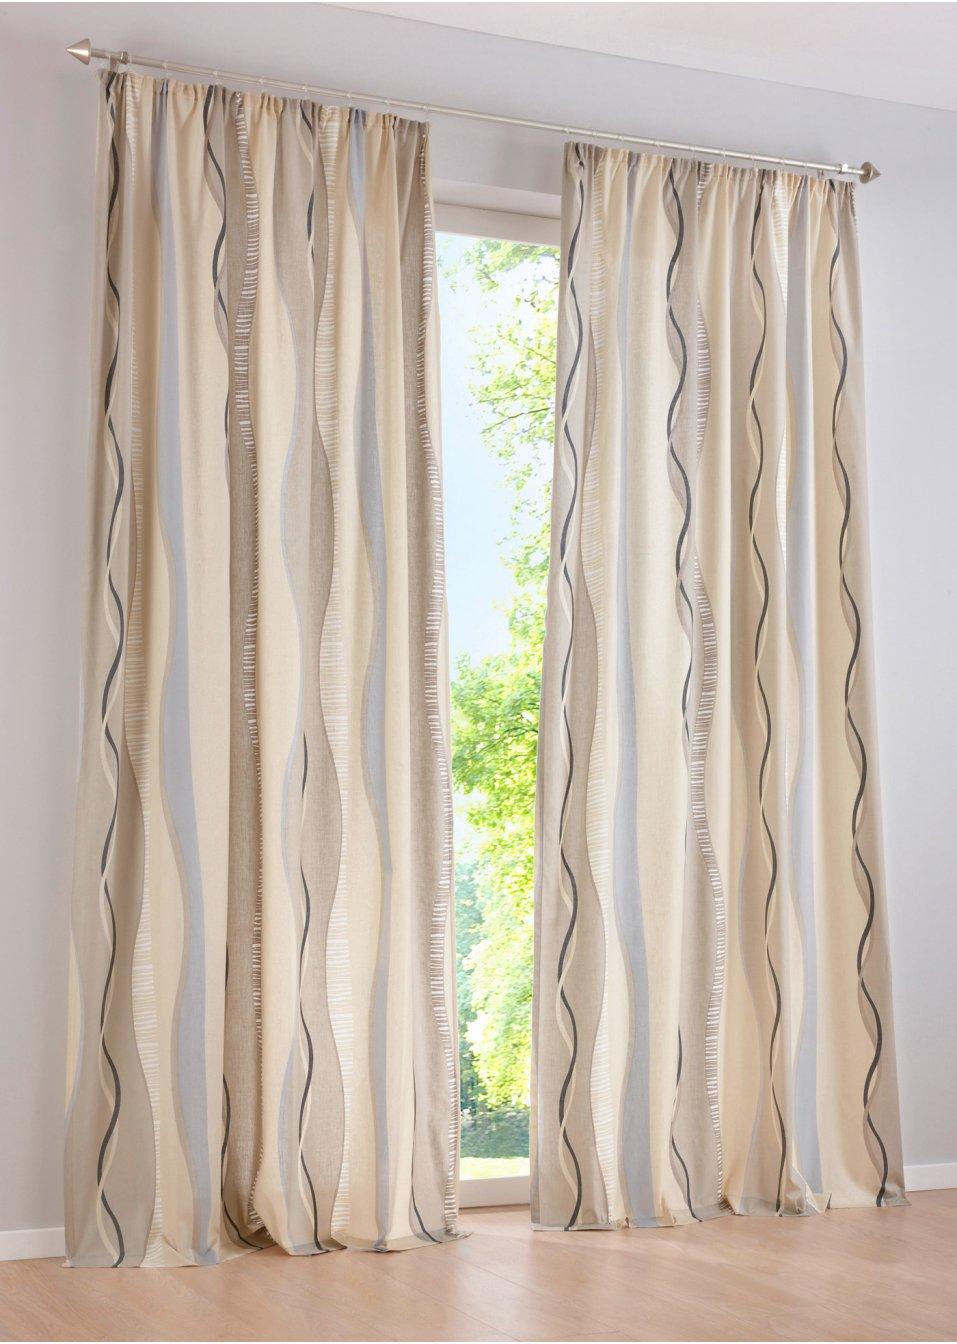 Vorhang timba 1er pack sand bpc living online kaufen - Bonprix vorhang ...